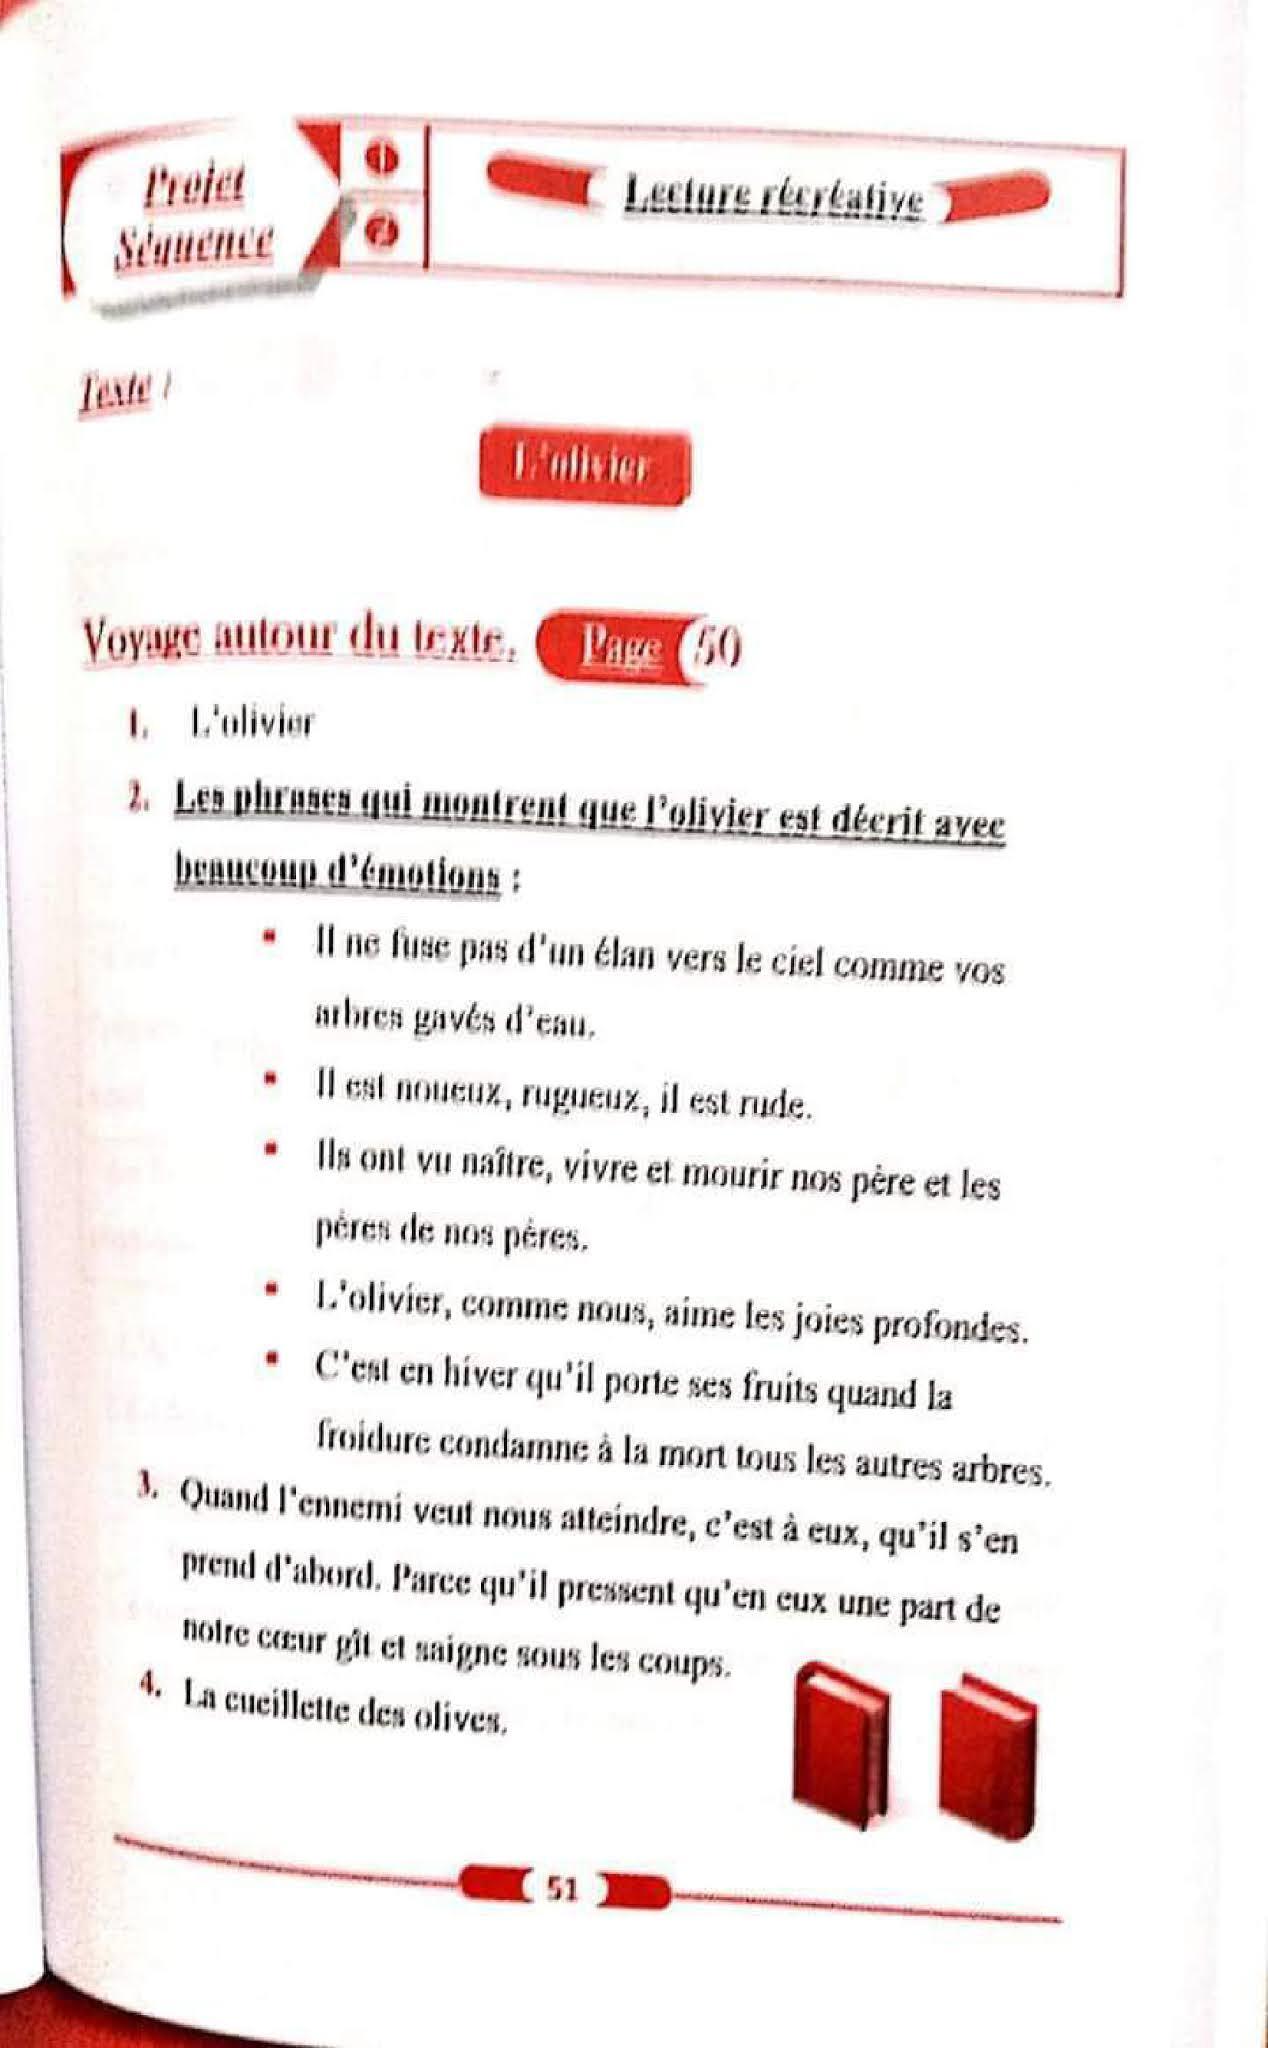 حل تمارين صفحة 50 الفرنسية 1 متوسط الجيل الثاني